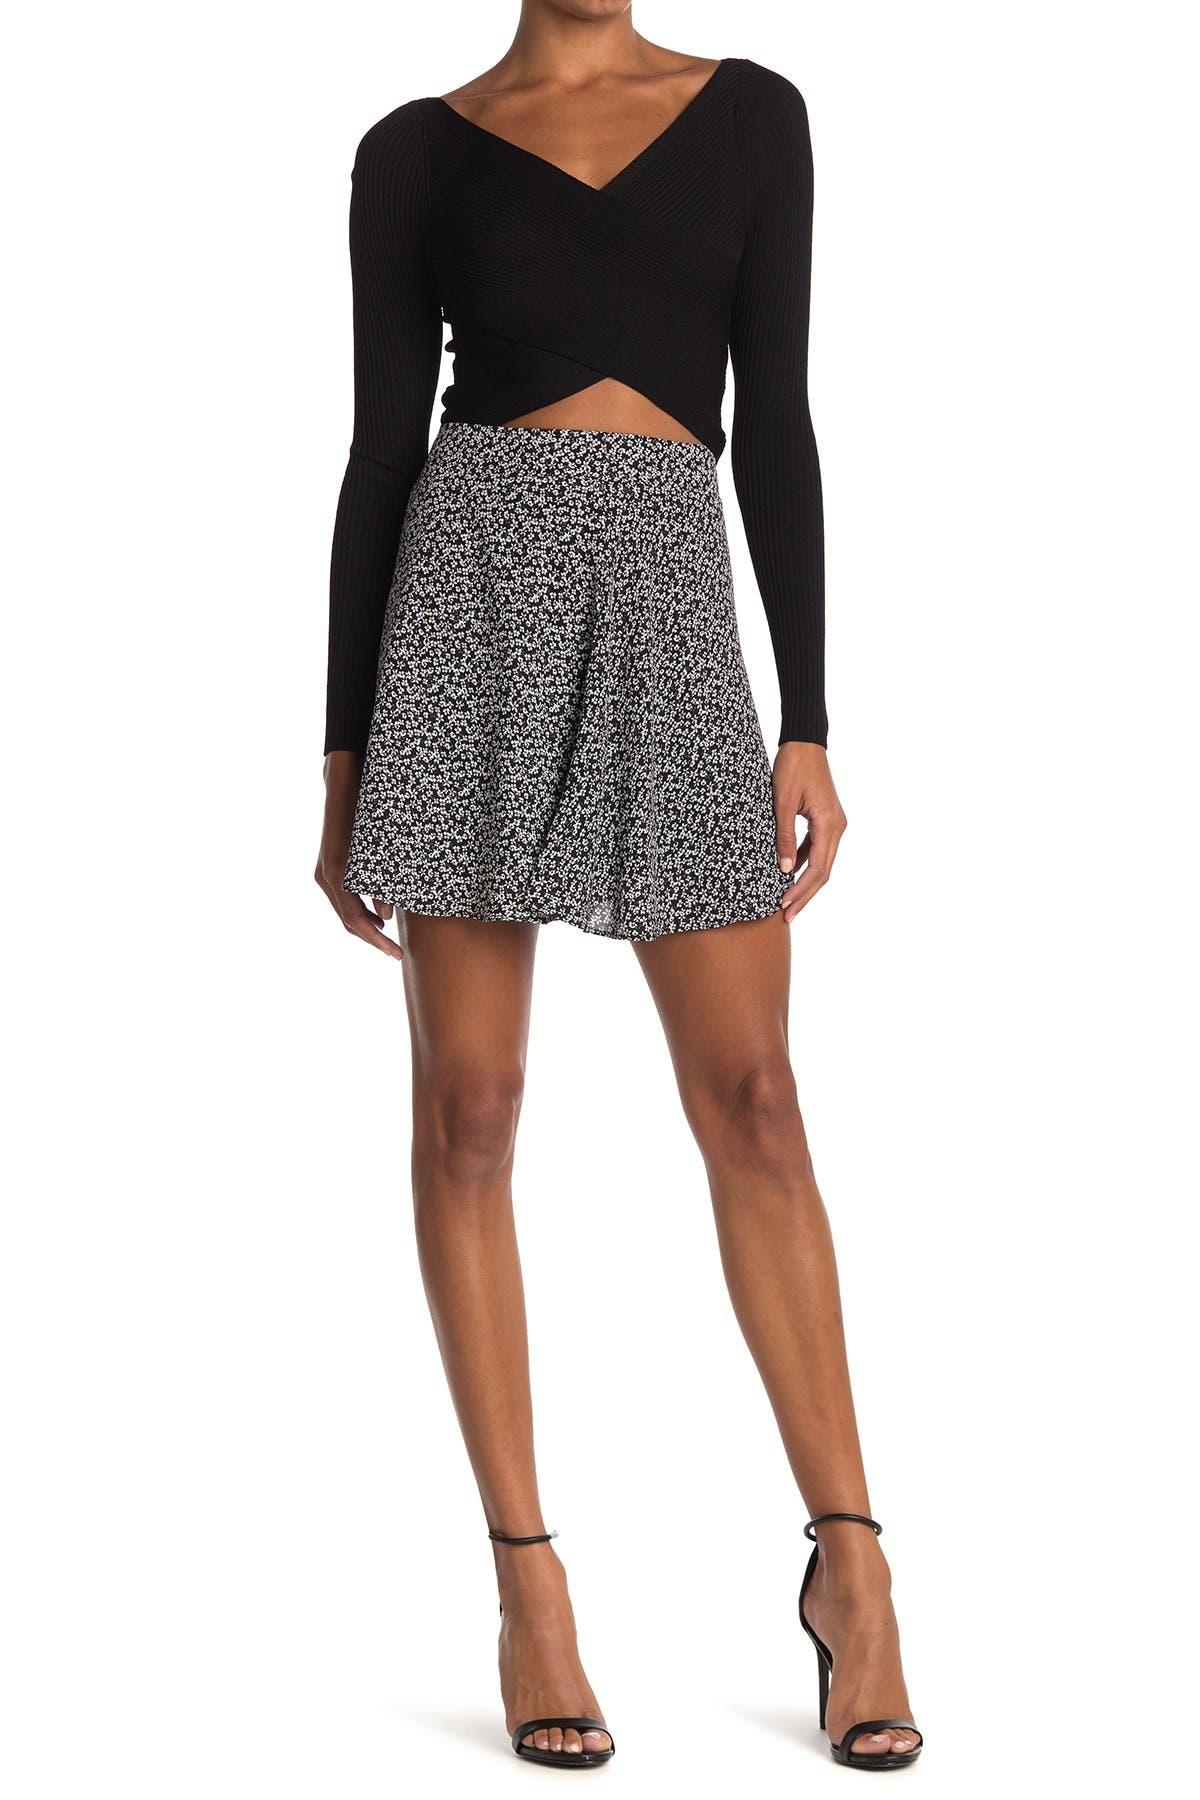 Image of Socialite Floral Print Skater Skirt